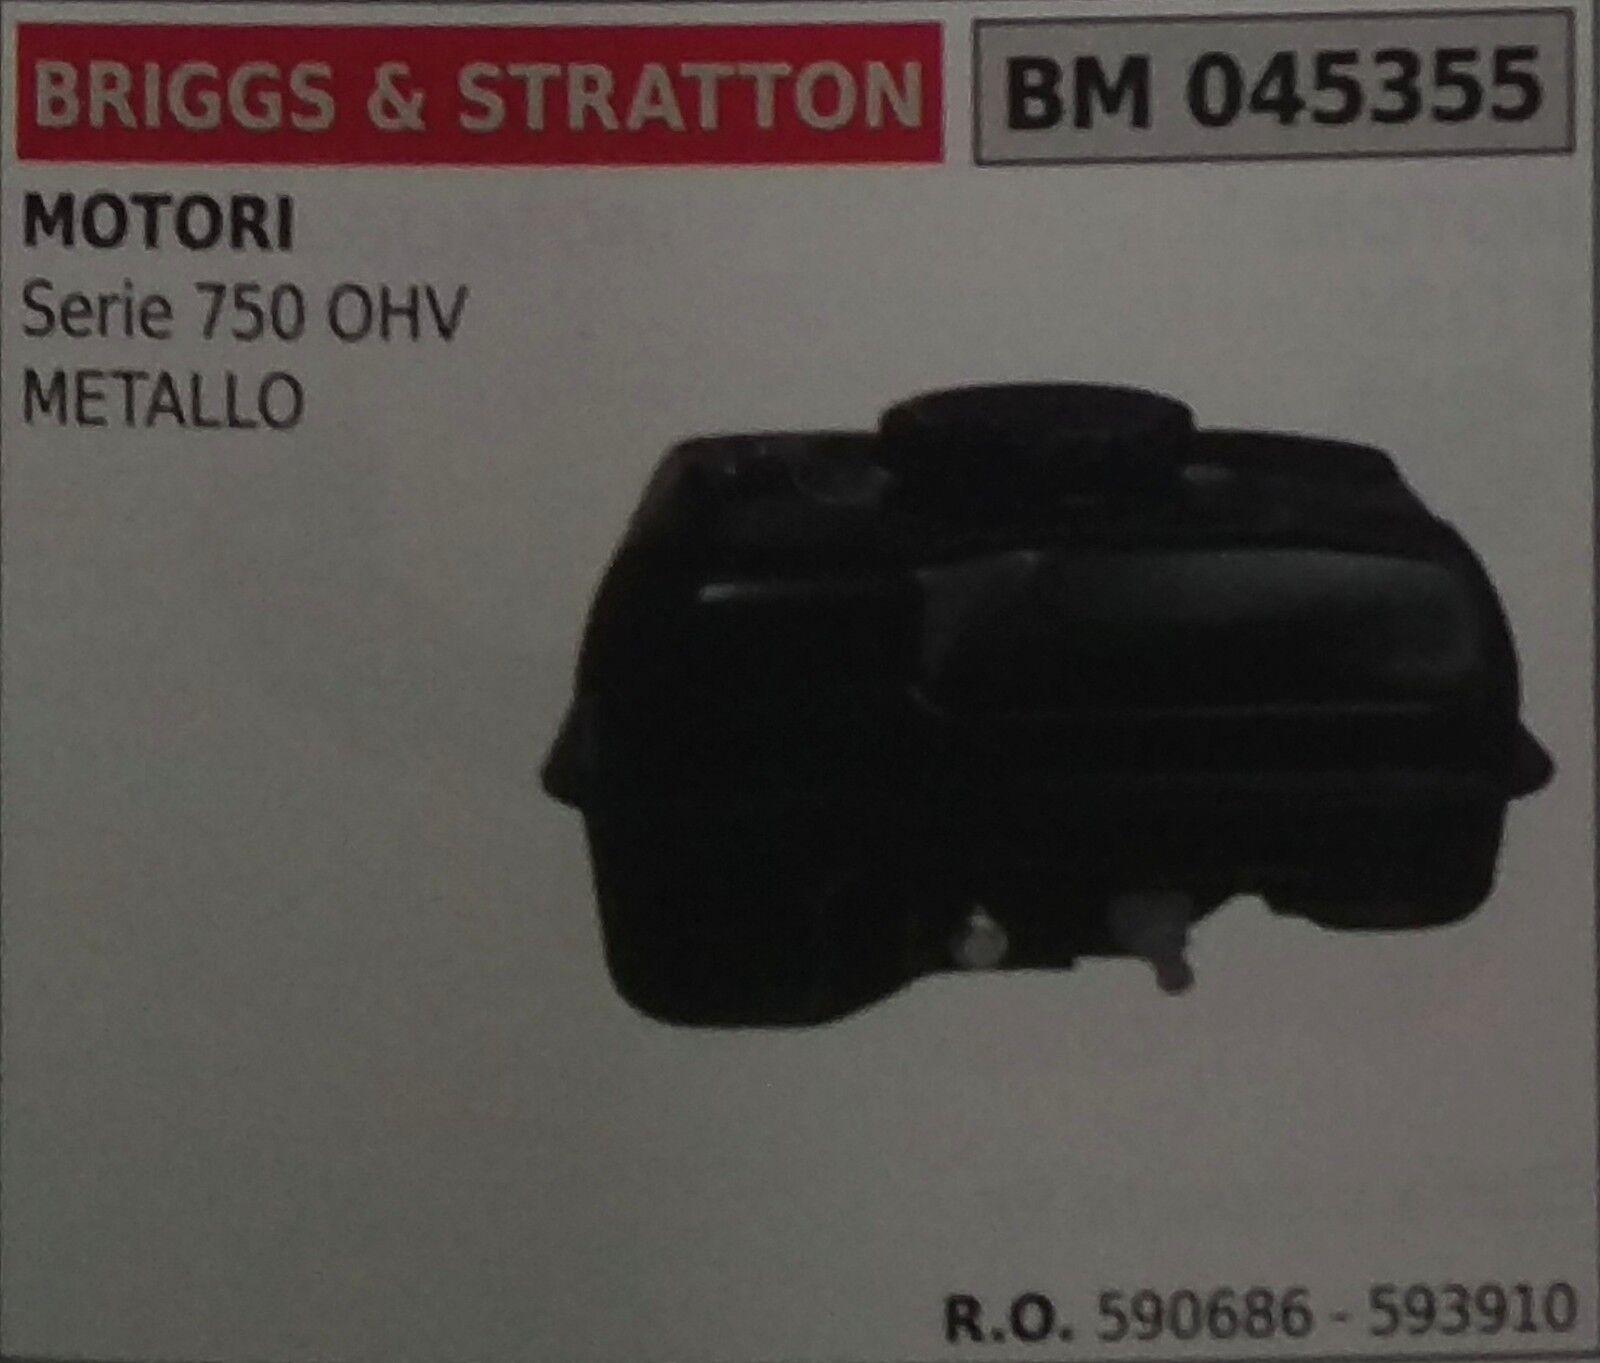 590686 SERBATOIO COMPLETO MOTORE BRIGGS & STRATTON serie 750 OHV in metallo